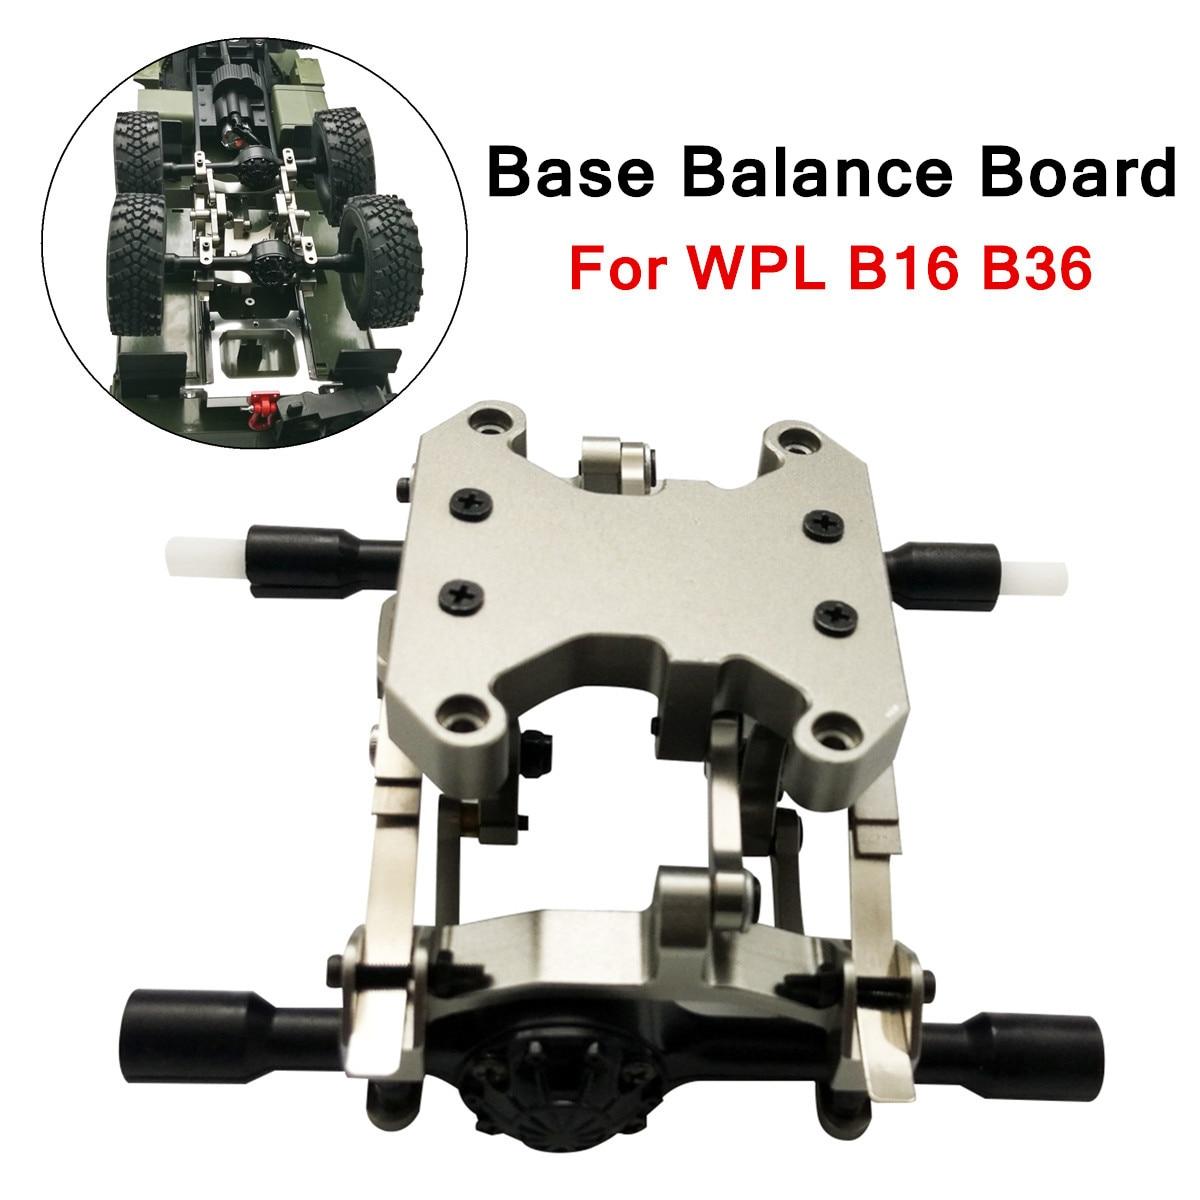 Pour WPL B16 B36 Base de remplacement accessoires de tableau d'équilibre bricolage mise à niveau modèle modifié jouet télécommande cadre vis métal